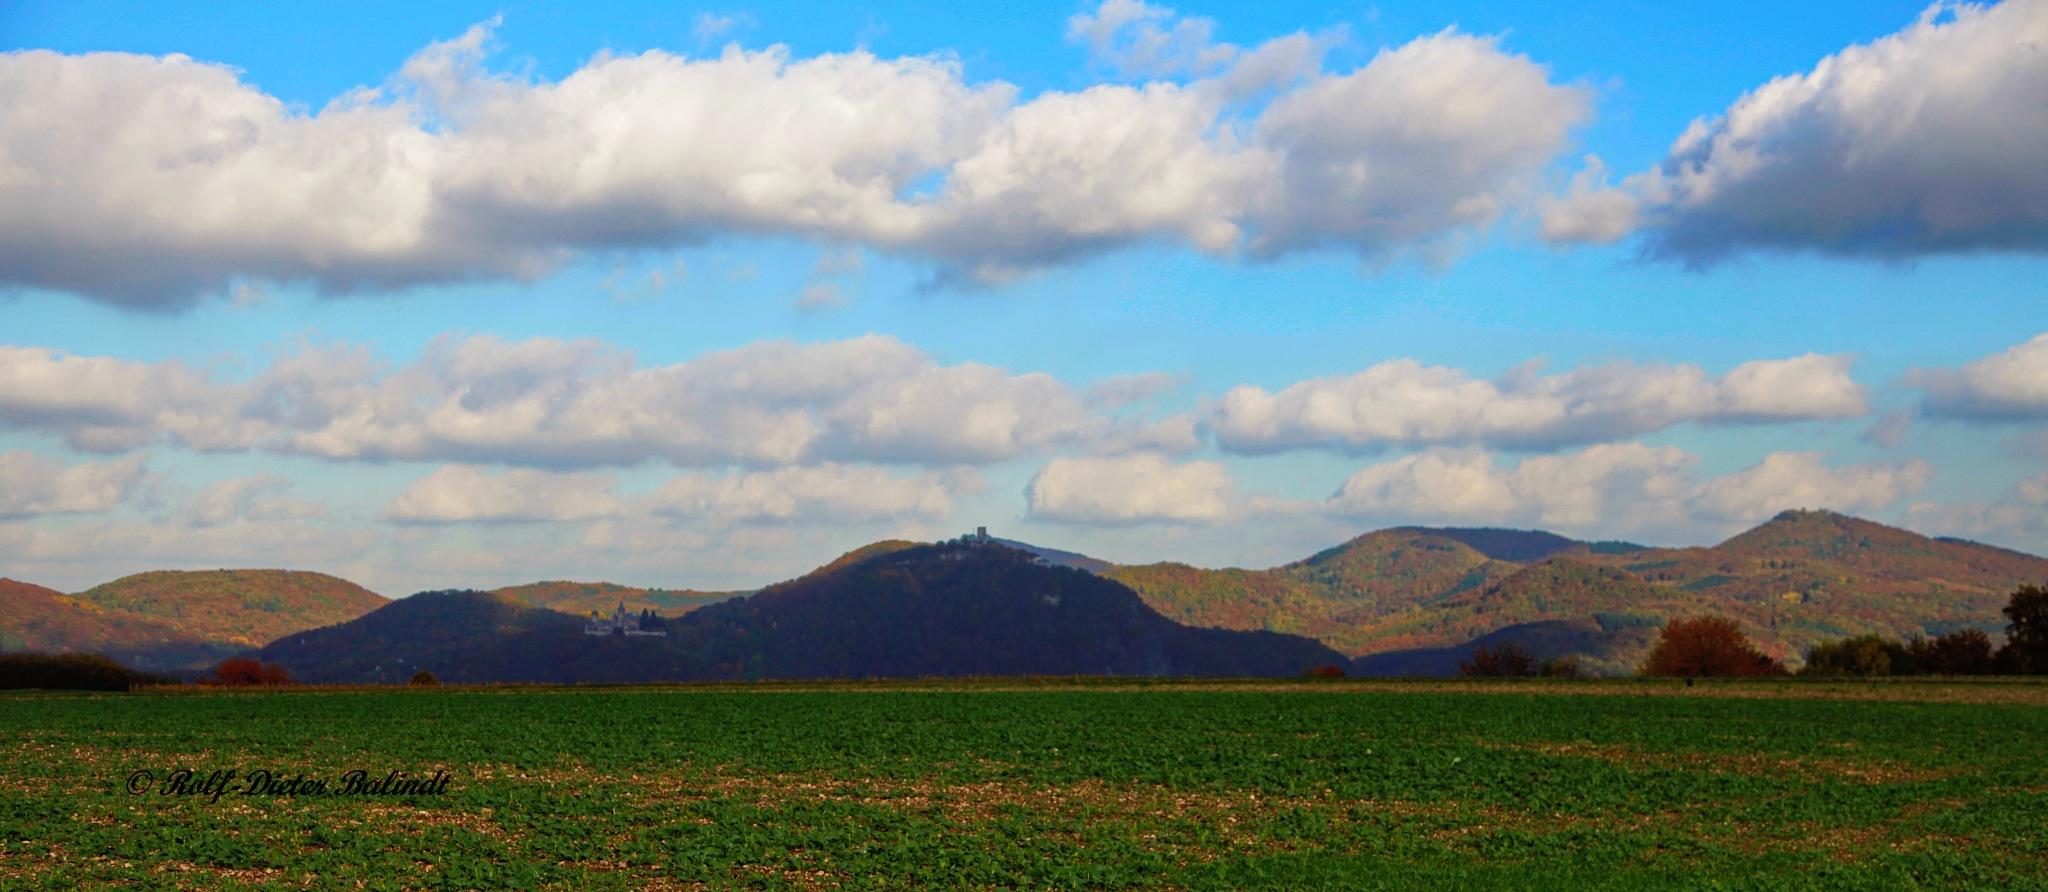 Wolkenschatten auf dem Siebengebirge by Rolf-Dieter Balindt